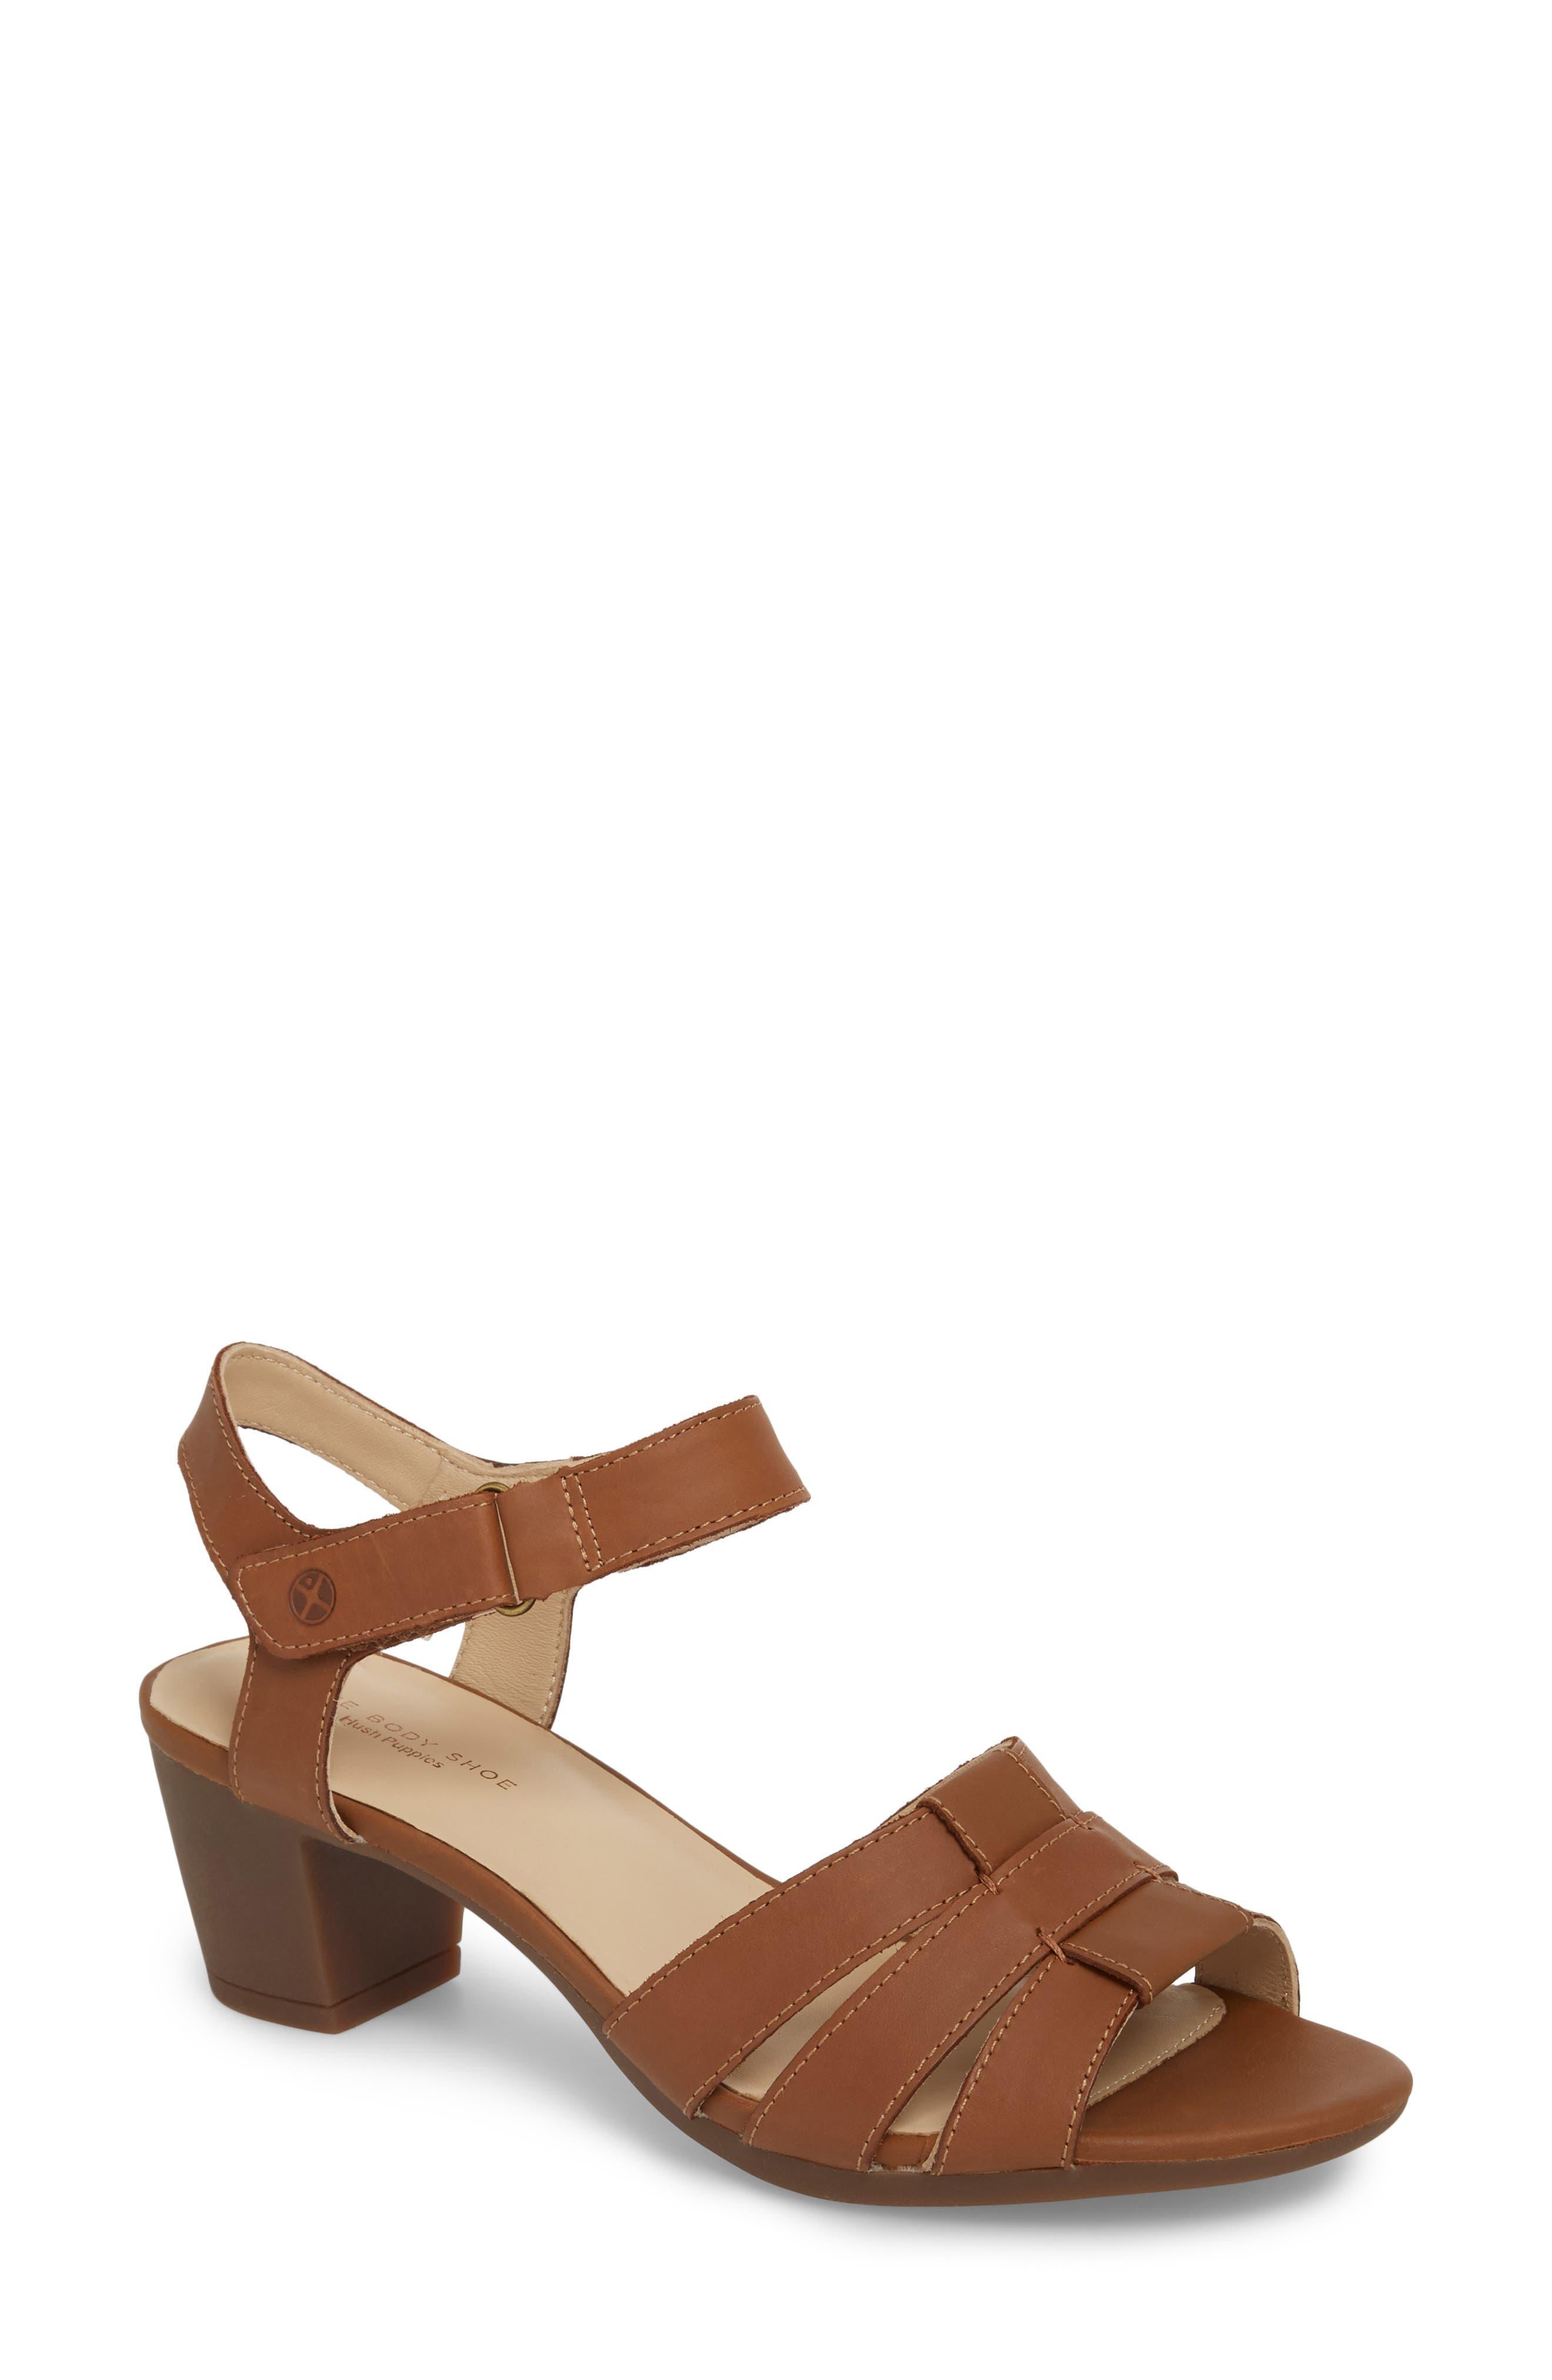 Masseter Quarter Strap Sandal,                             Main thumbnail 1, color,                             Tan Leather